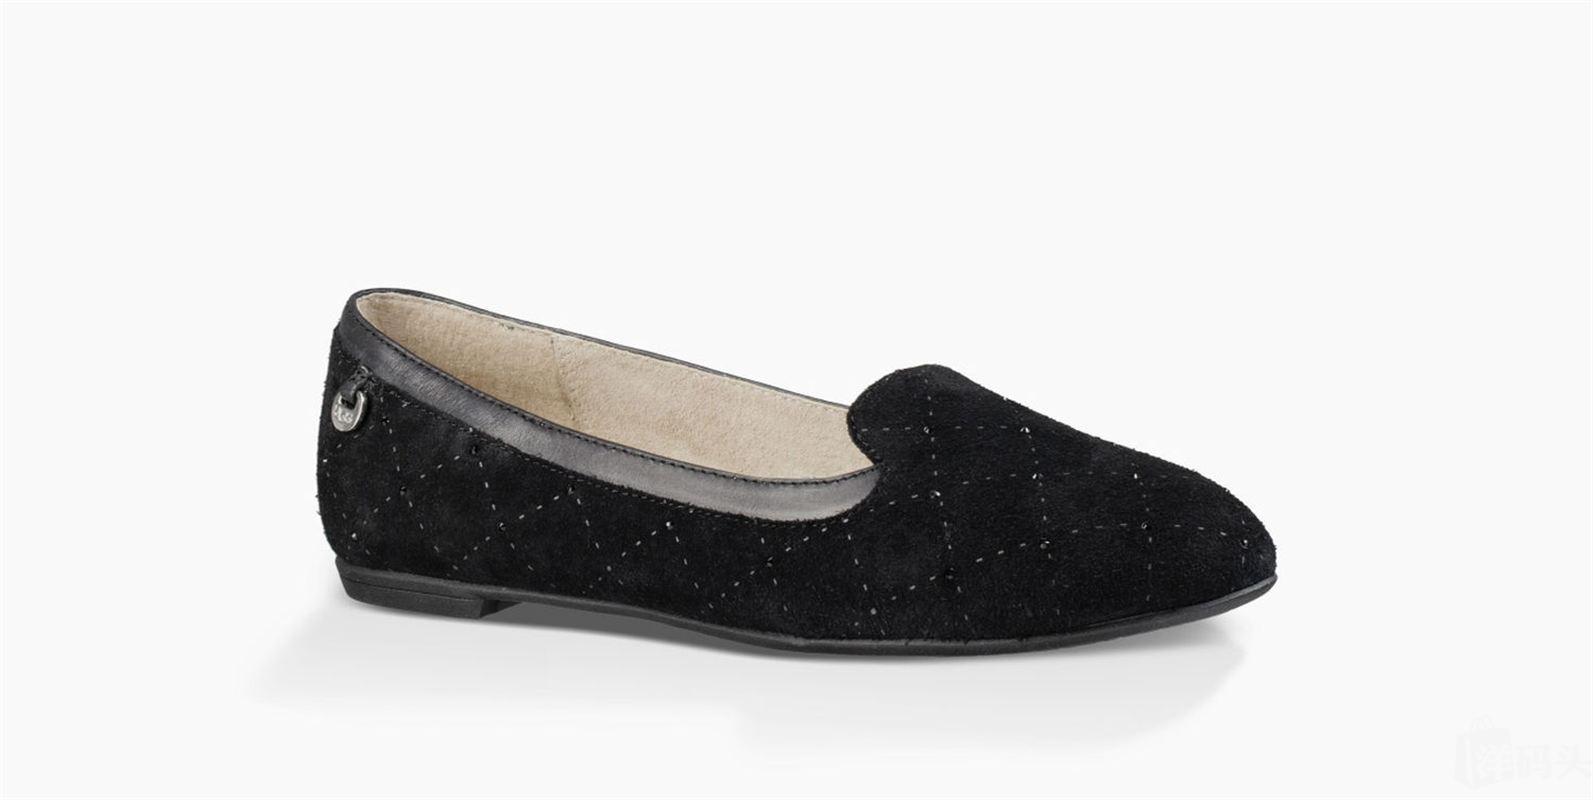 捡漏特价 英国直邮UGG 女士单鞋 休闲平底套脚尖头透气菱格低帮鞋